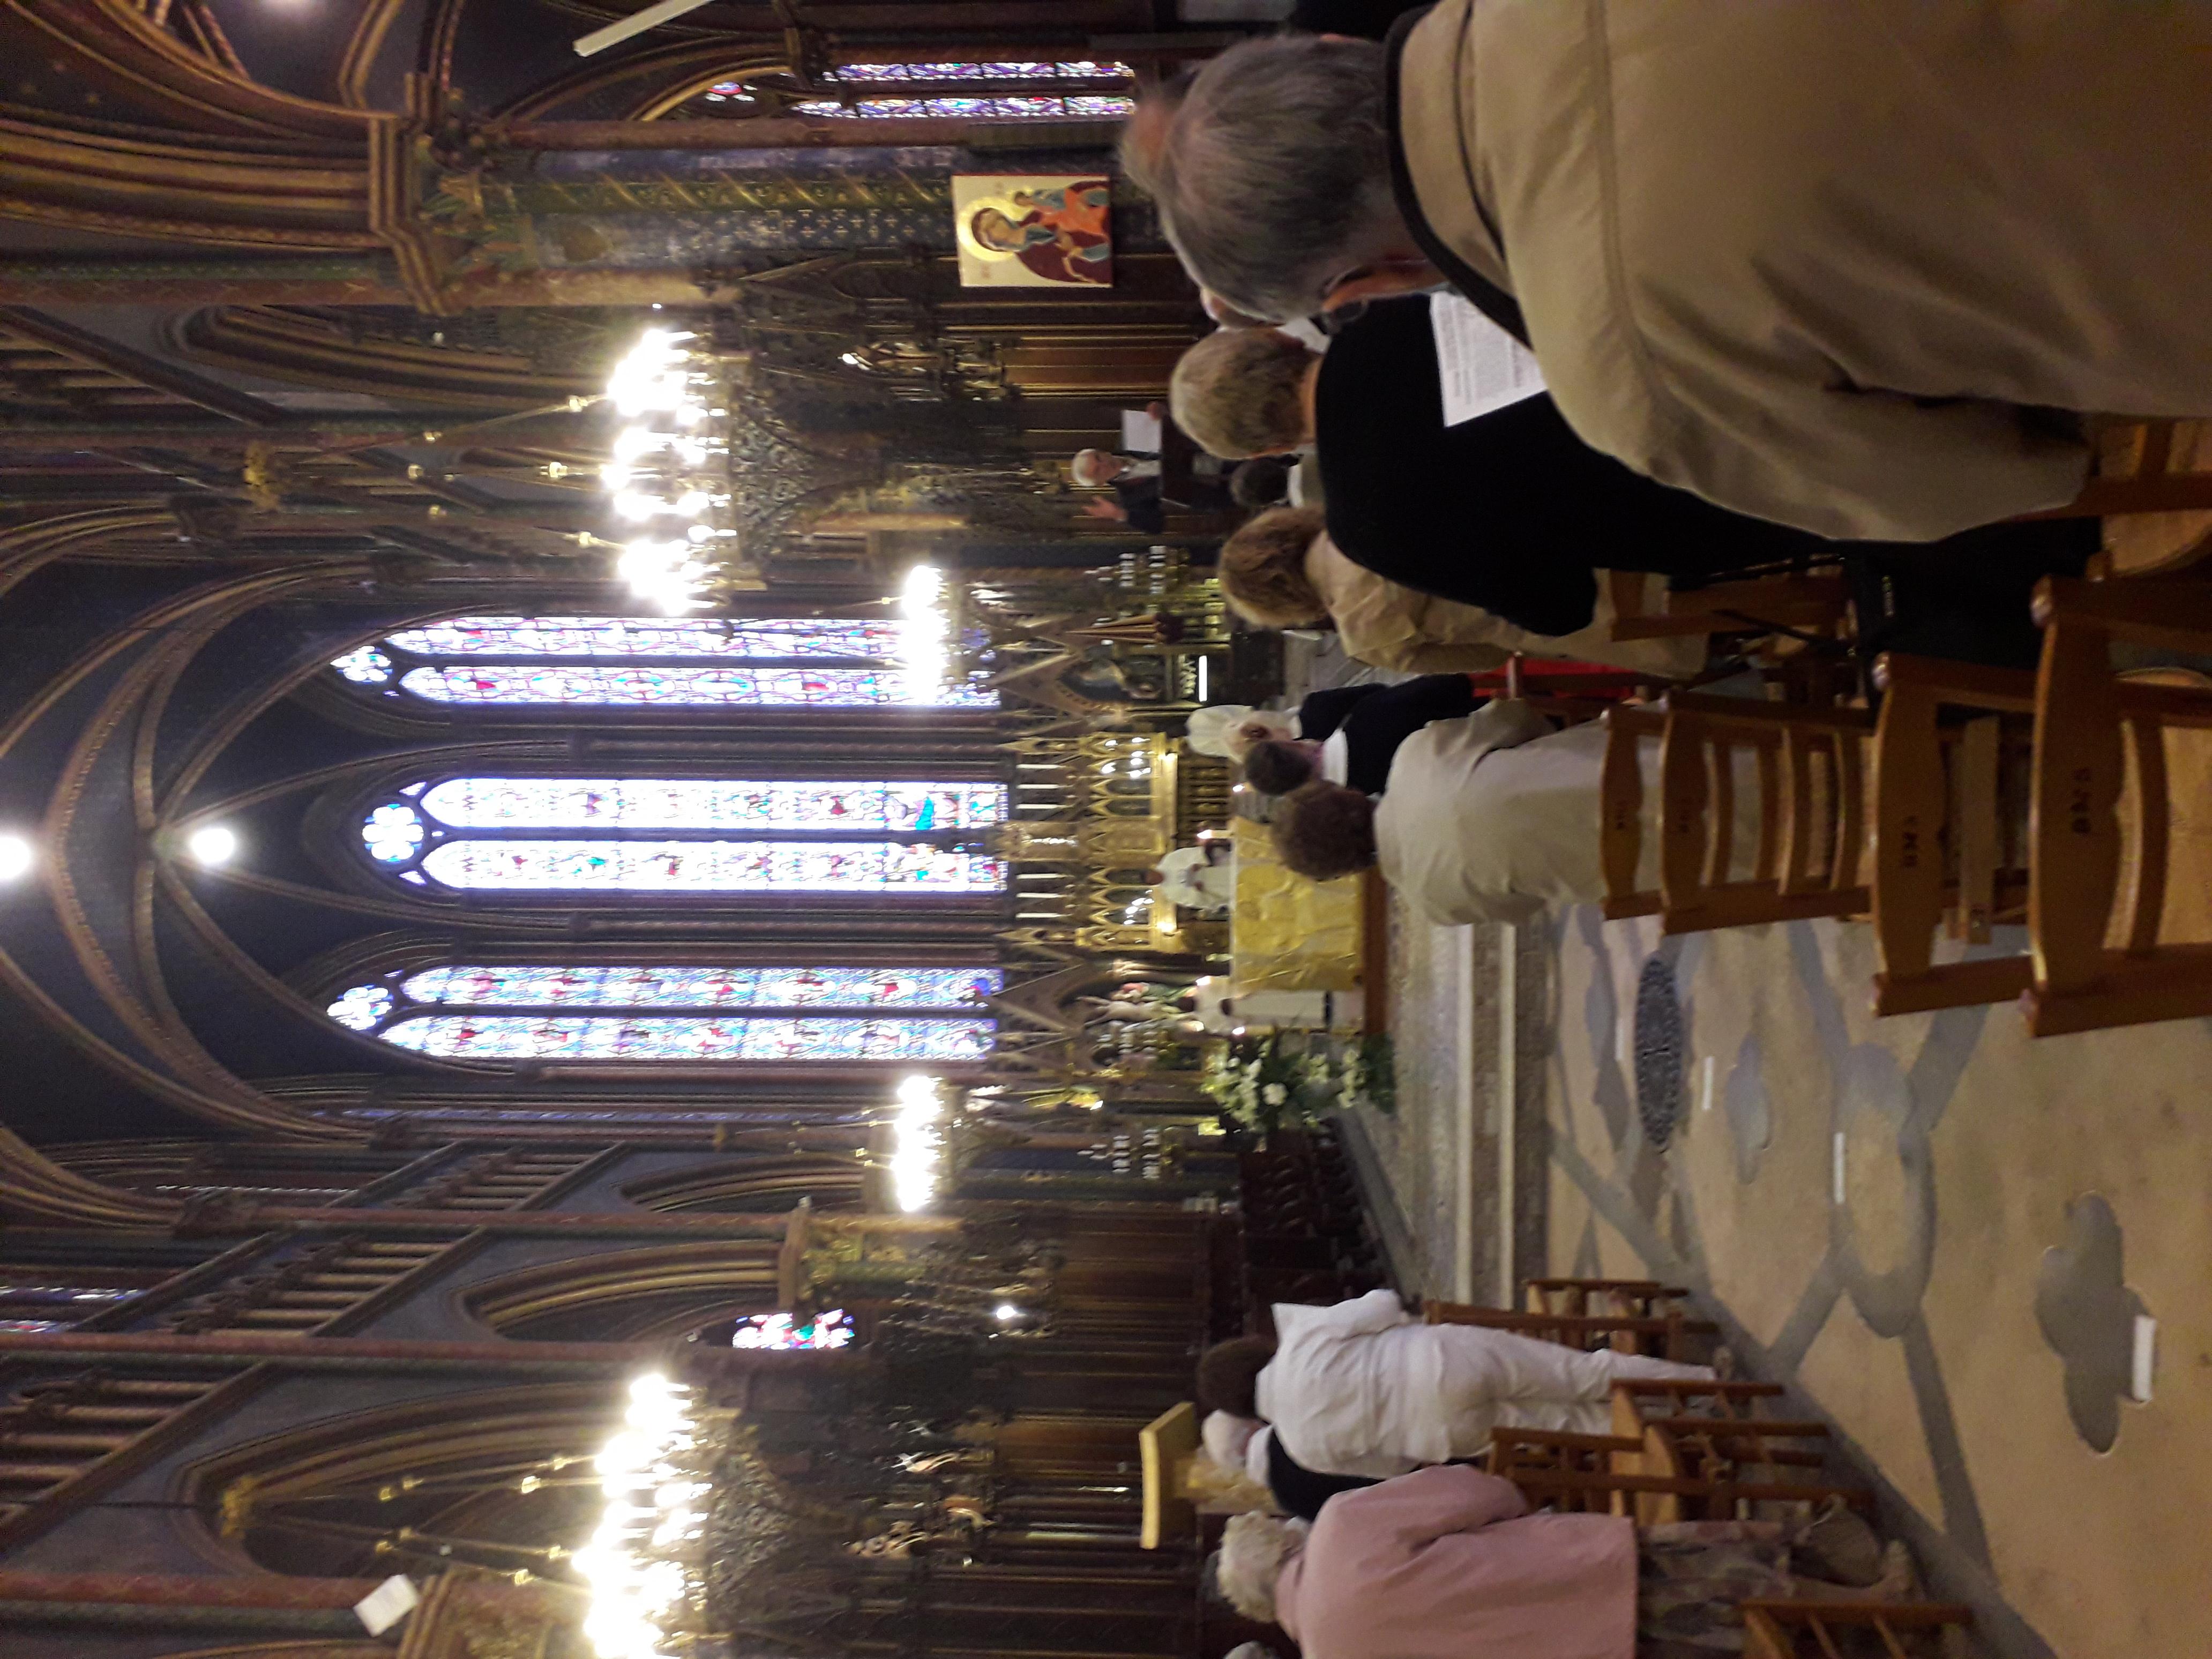 En direct du presbytère - 11 septembre 2020